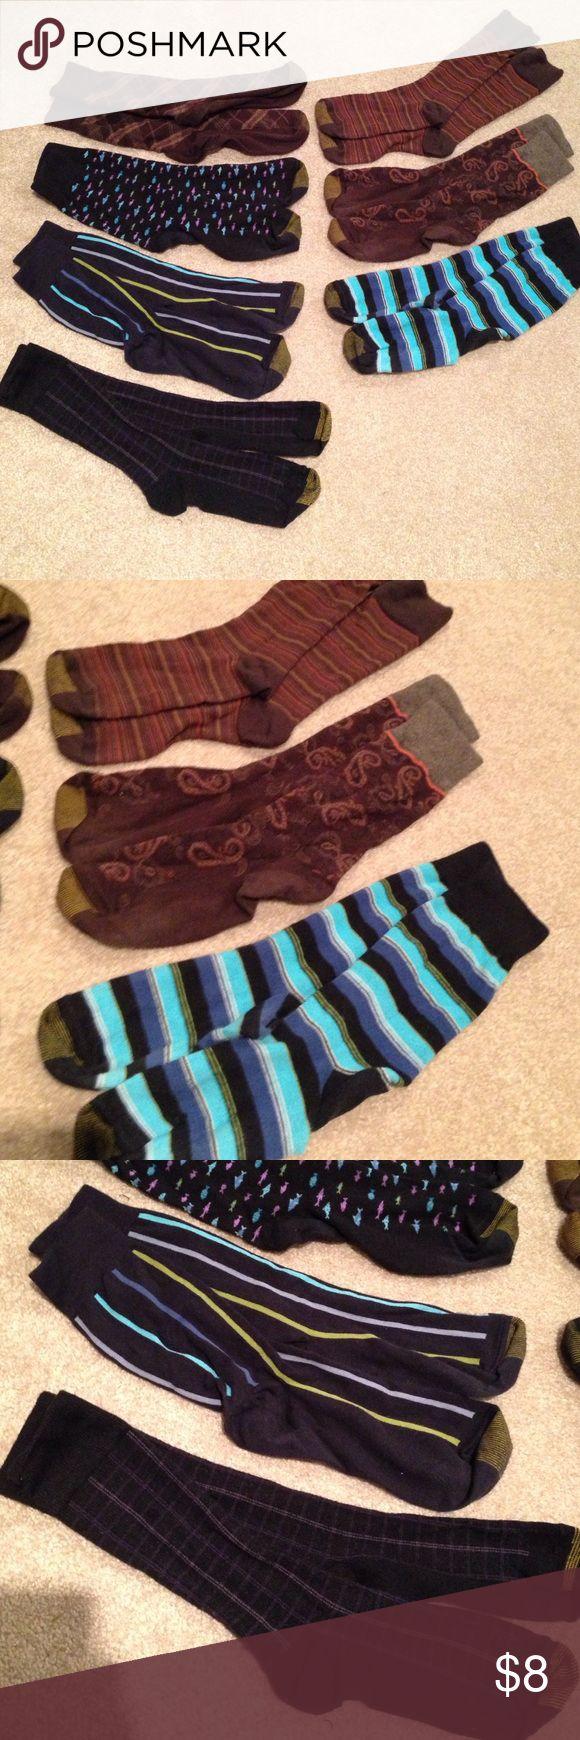 Men's Gold Toe Sock Bundle Bundle of 7 pairs of men's Gold Toe dress socks. Gently used. Gold Toe Underwear & Socks Dress Socks